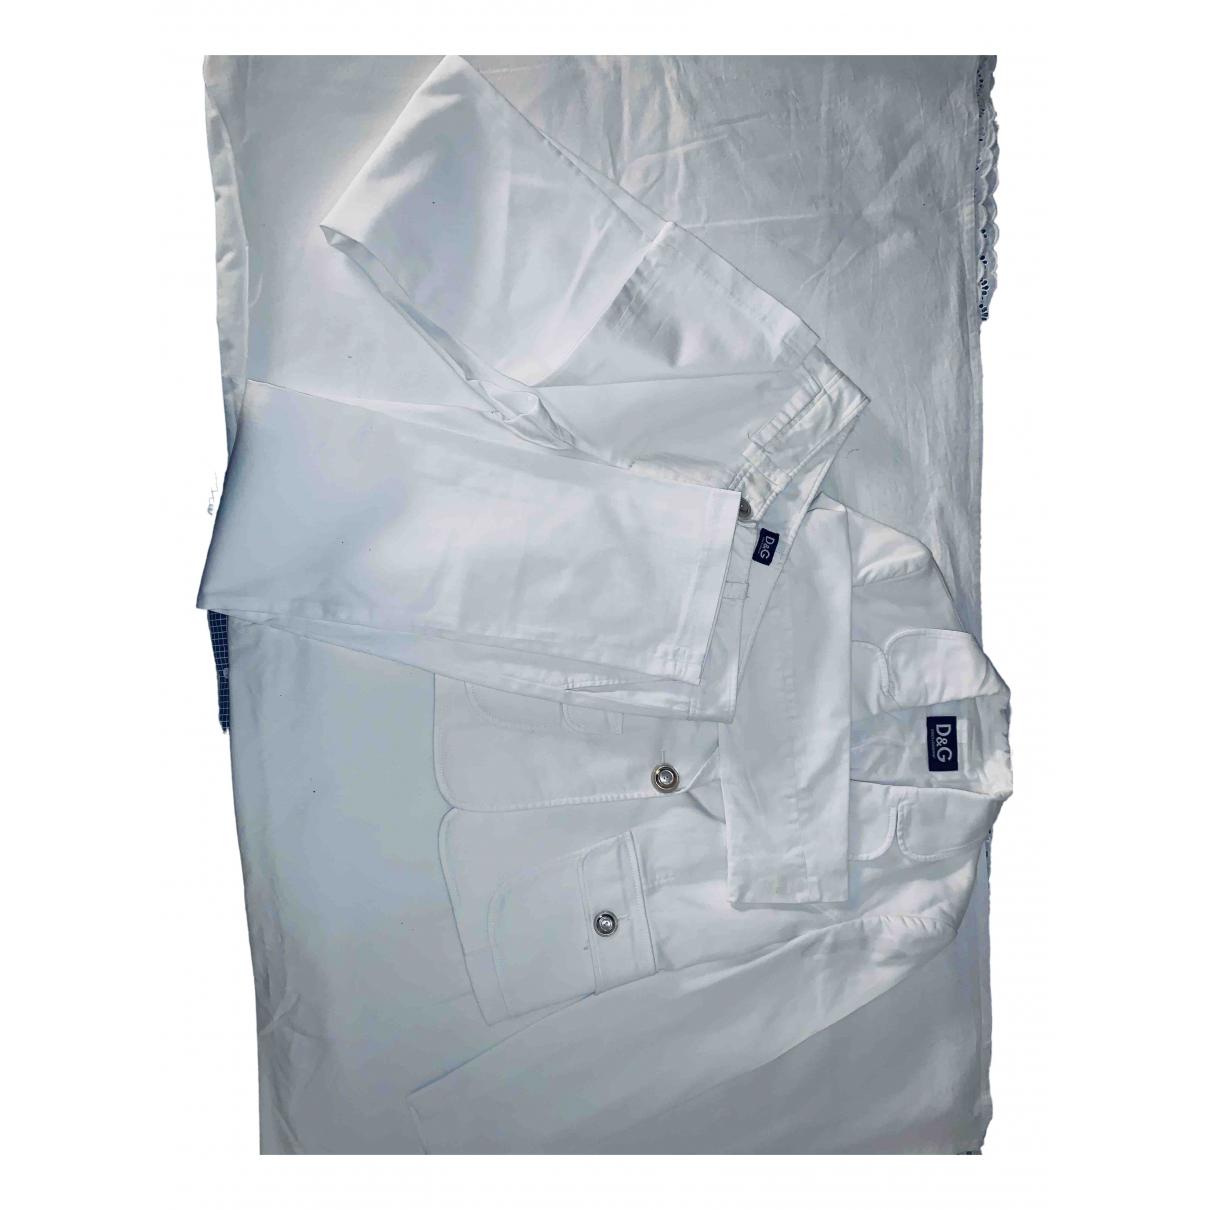 D&g - Veste   pour femme en coton - blanc